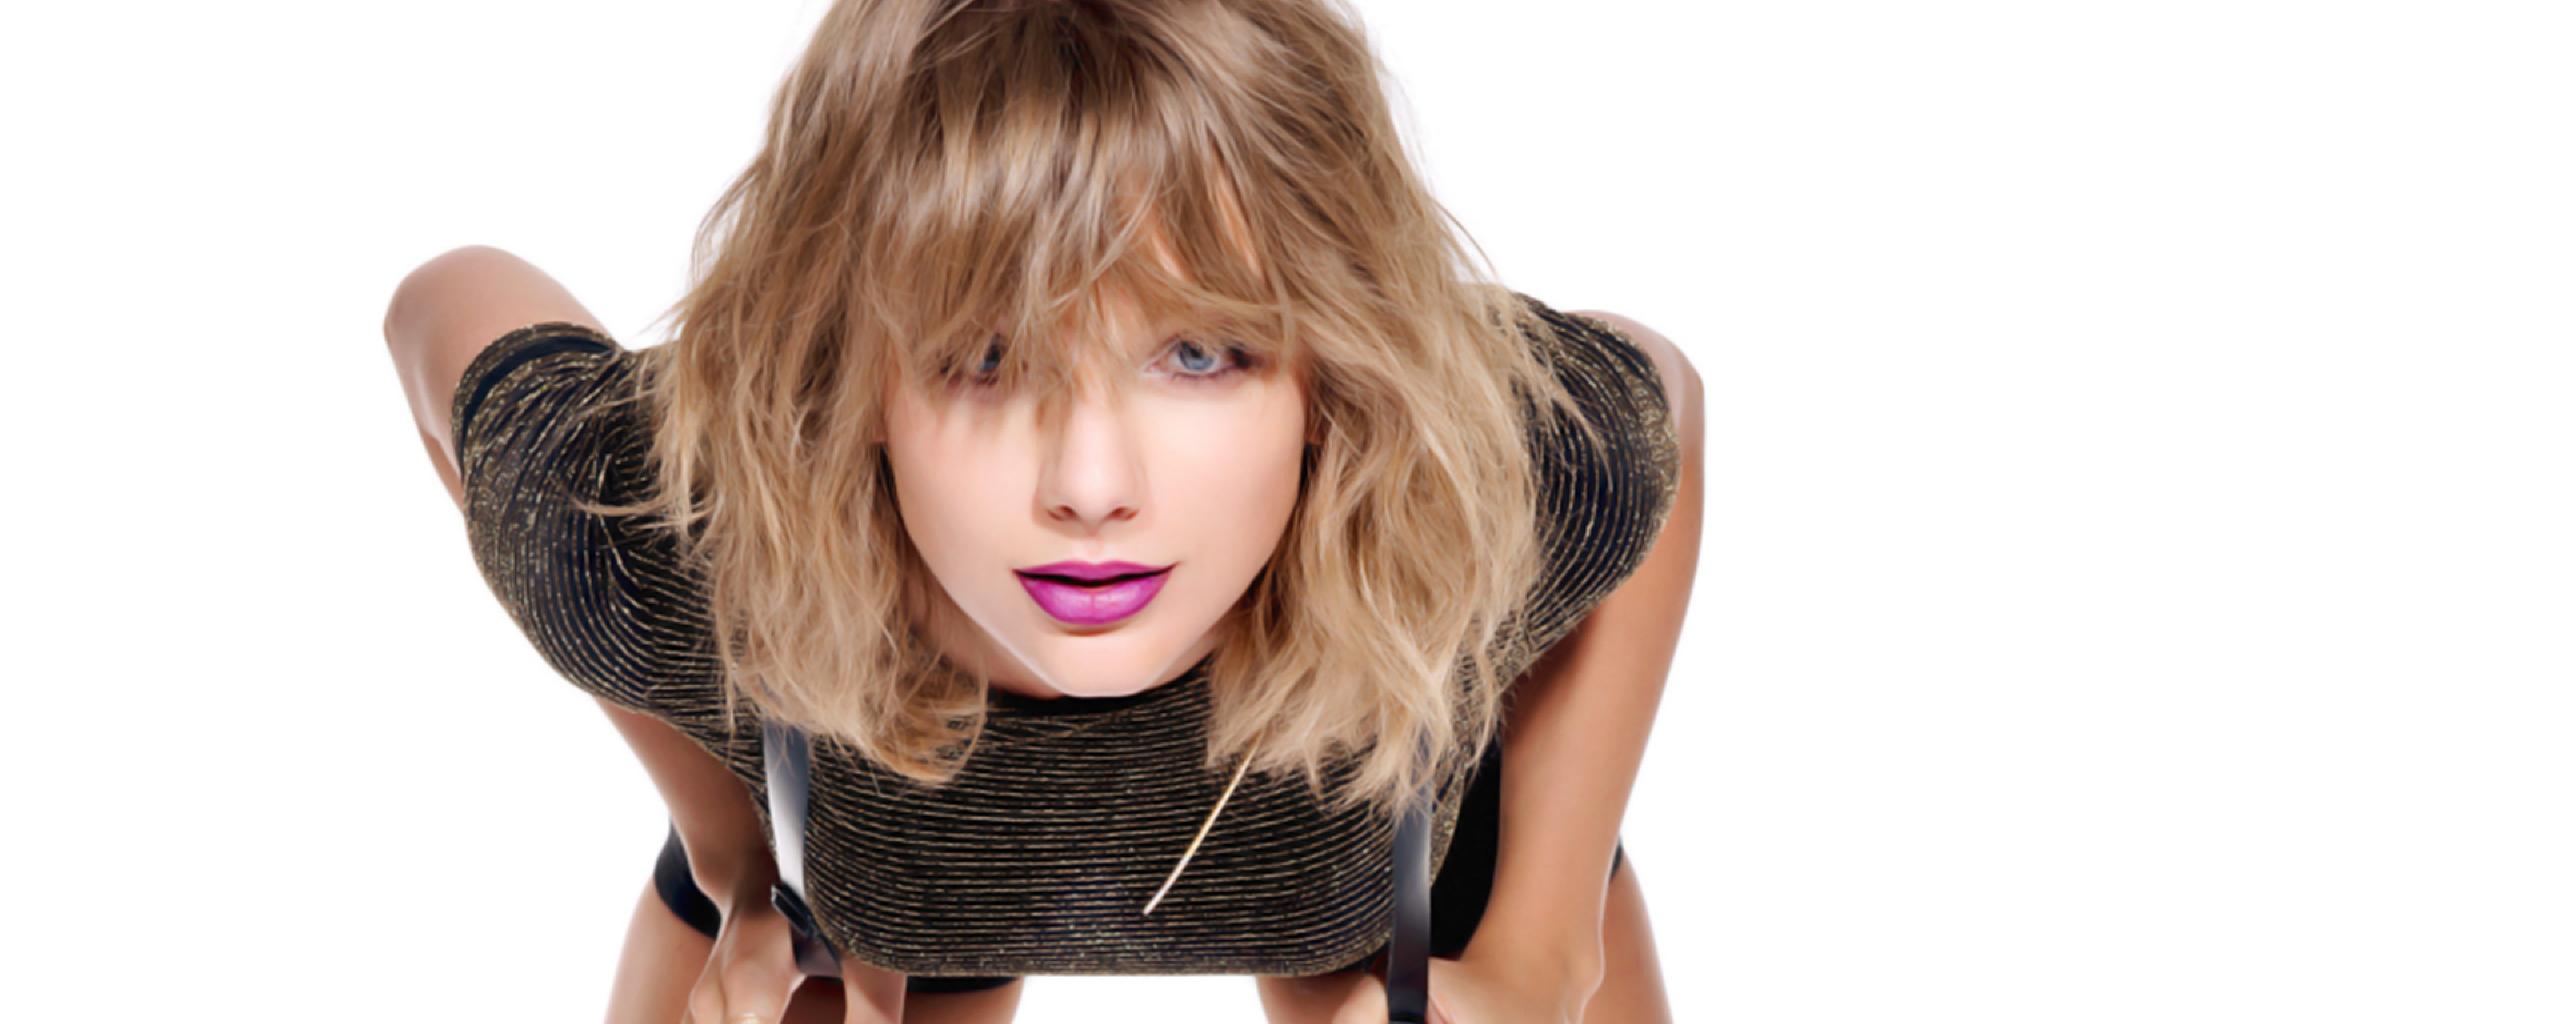 Taylor Swift 2017 Latest Full HD Wallpaper 2560x1024